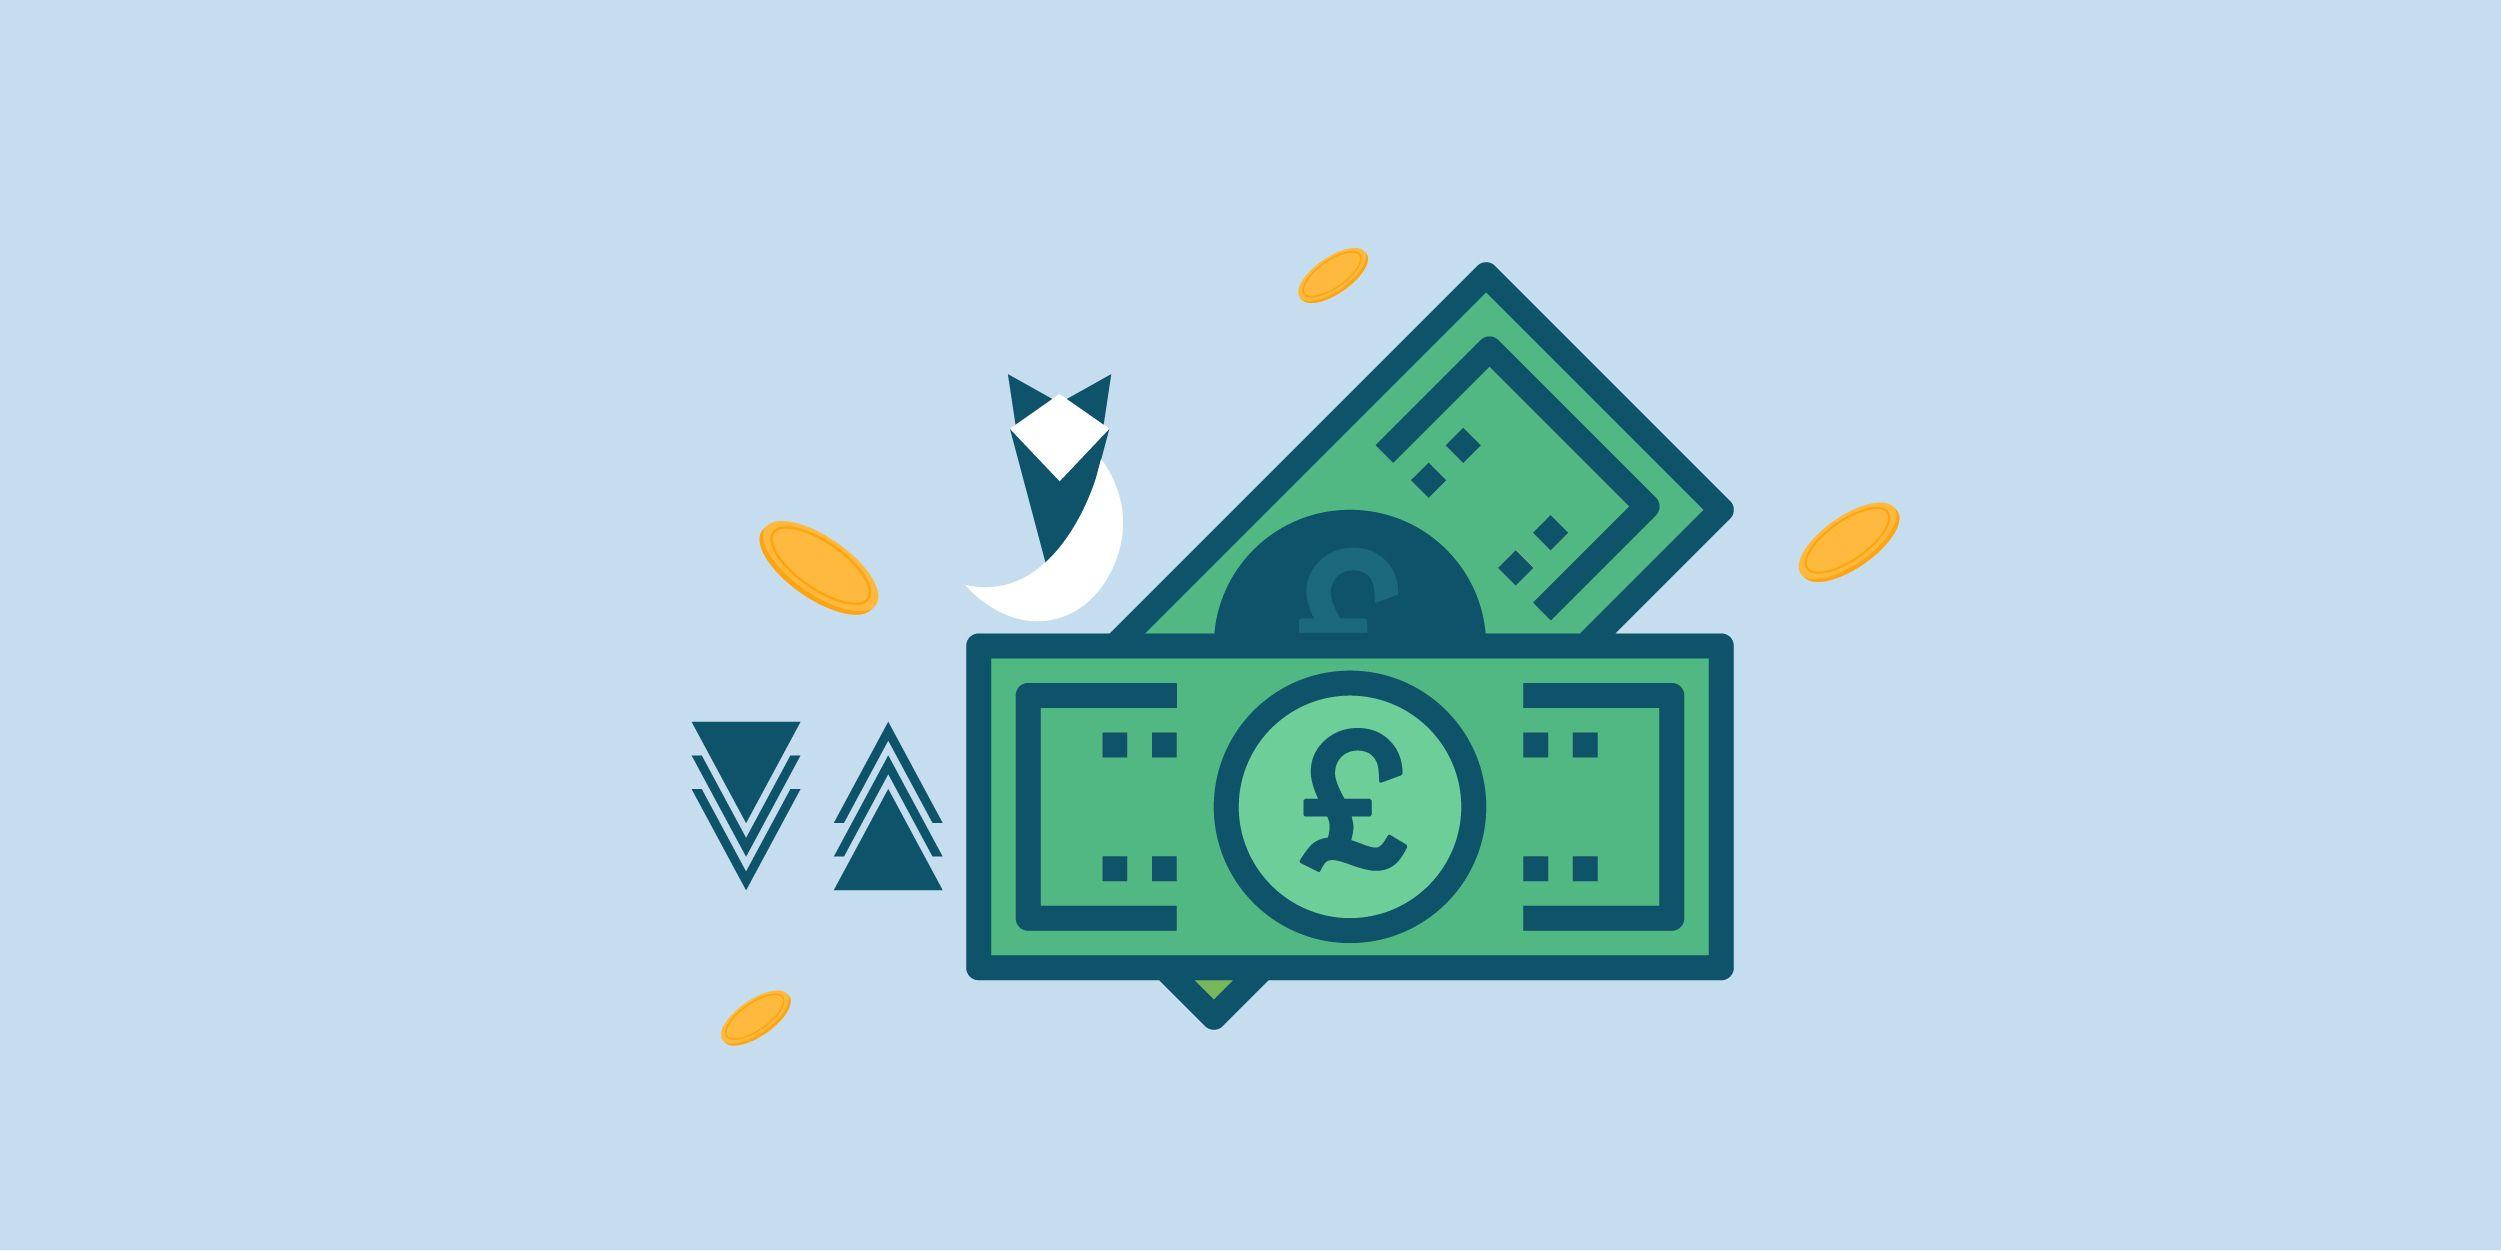 سعر الجنيه الاسترليني في البنوك المصرية اليوم 25 أغسطس 2021